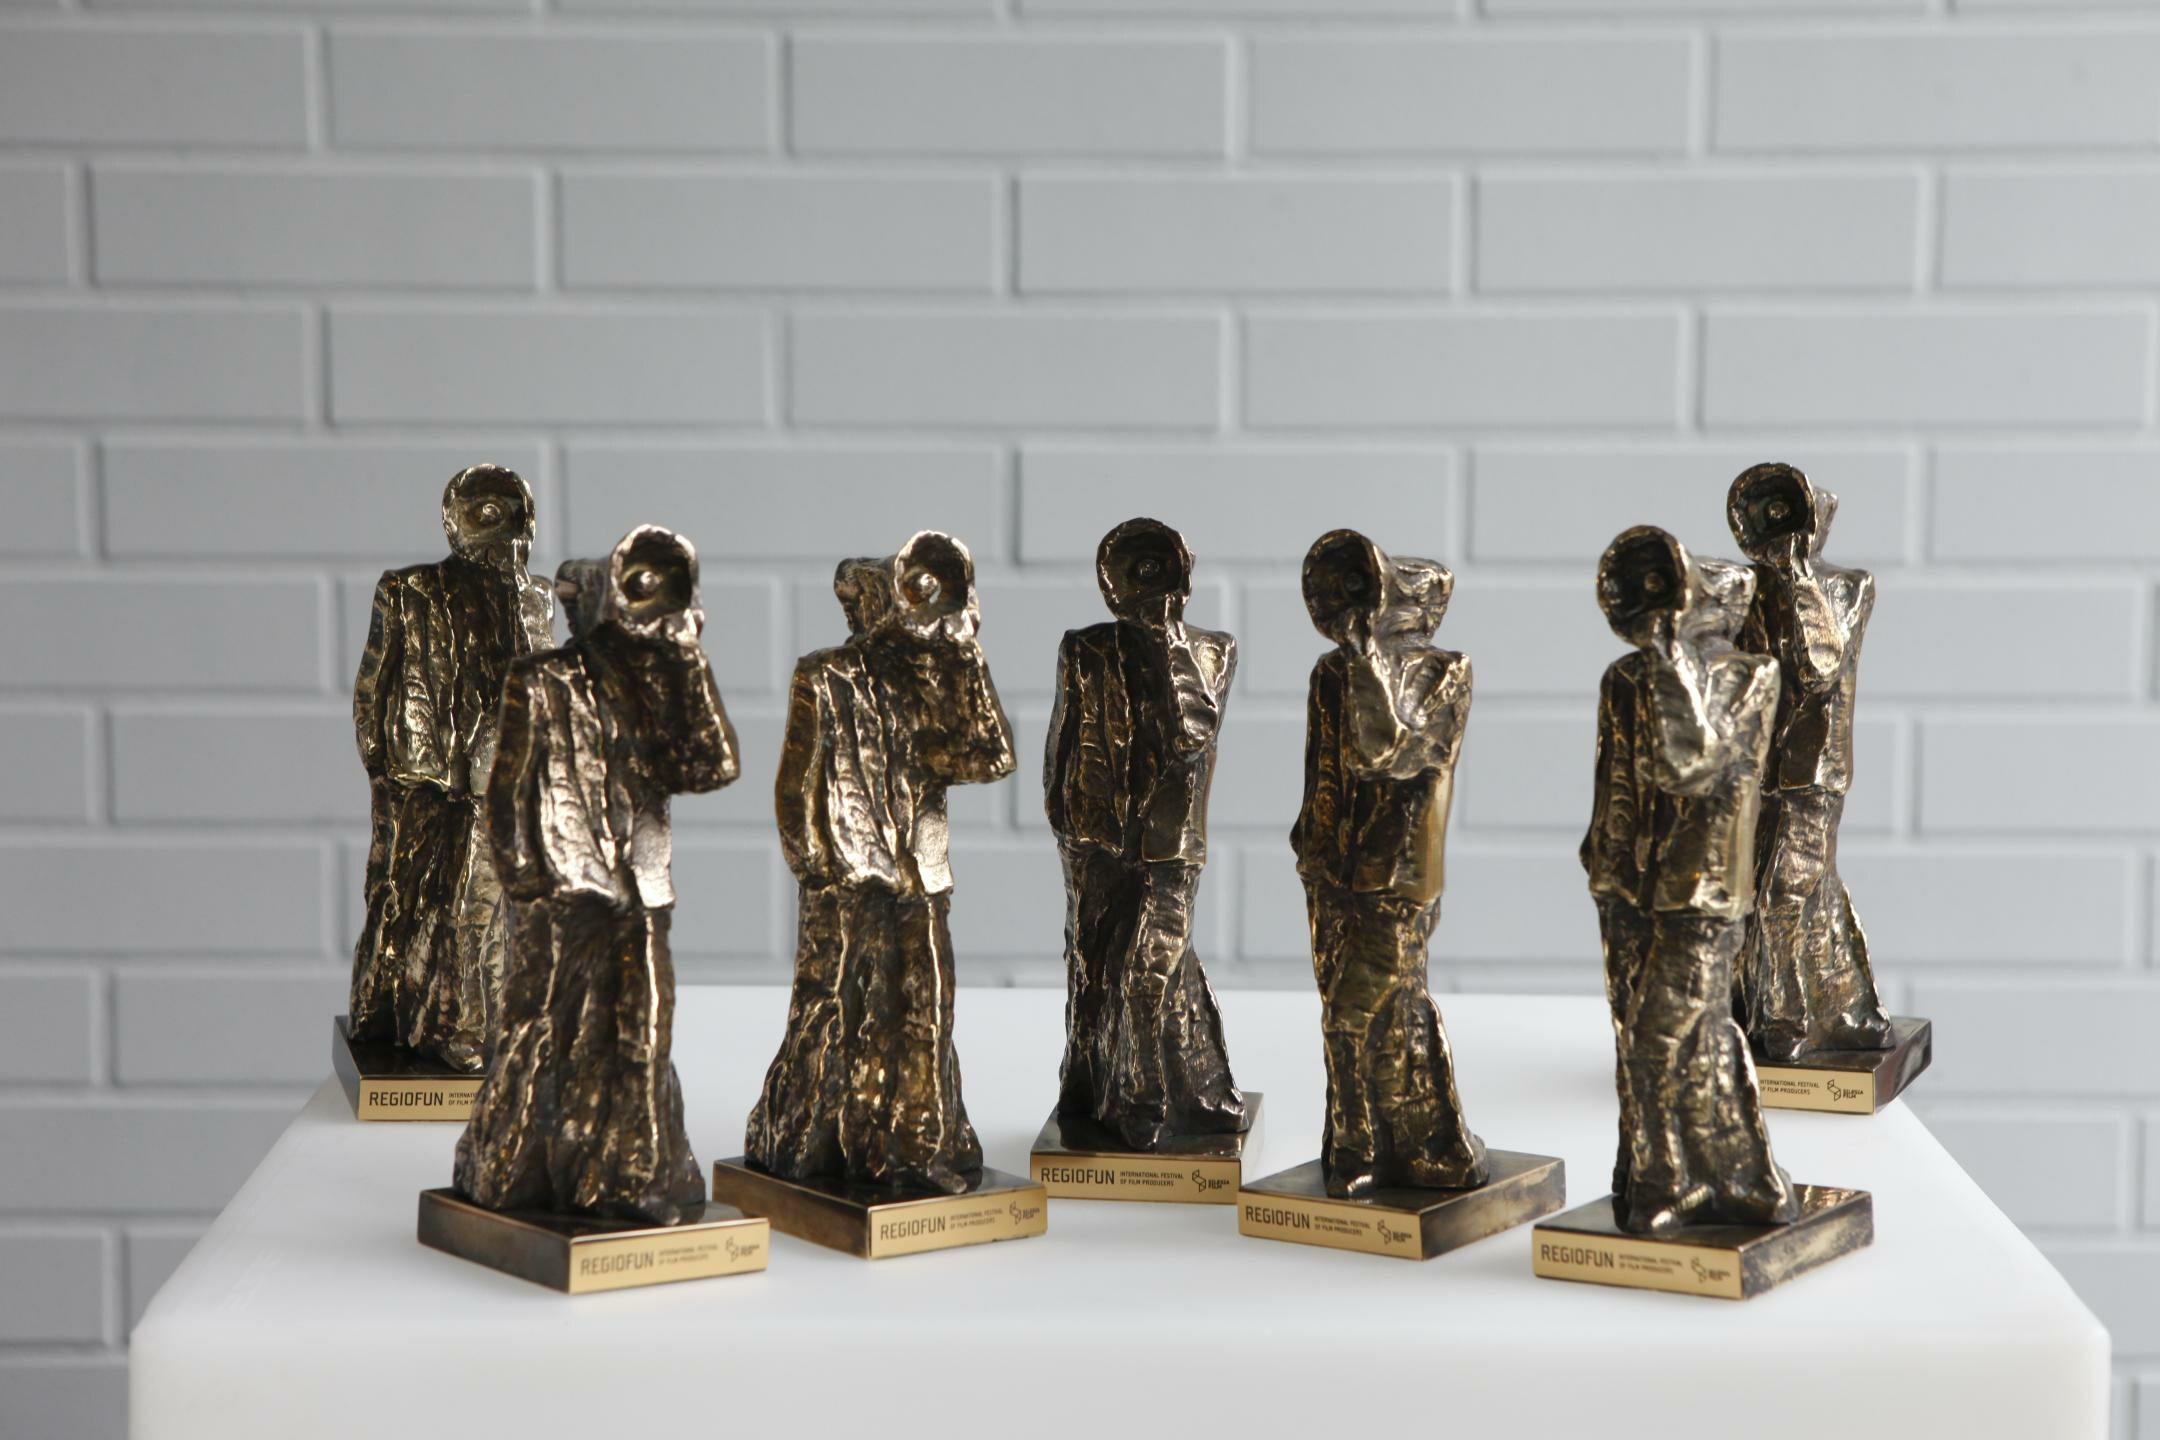 Festiwal Regiofun – statuetki